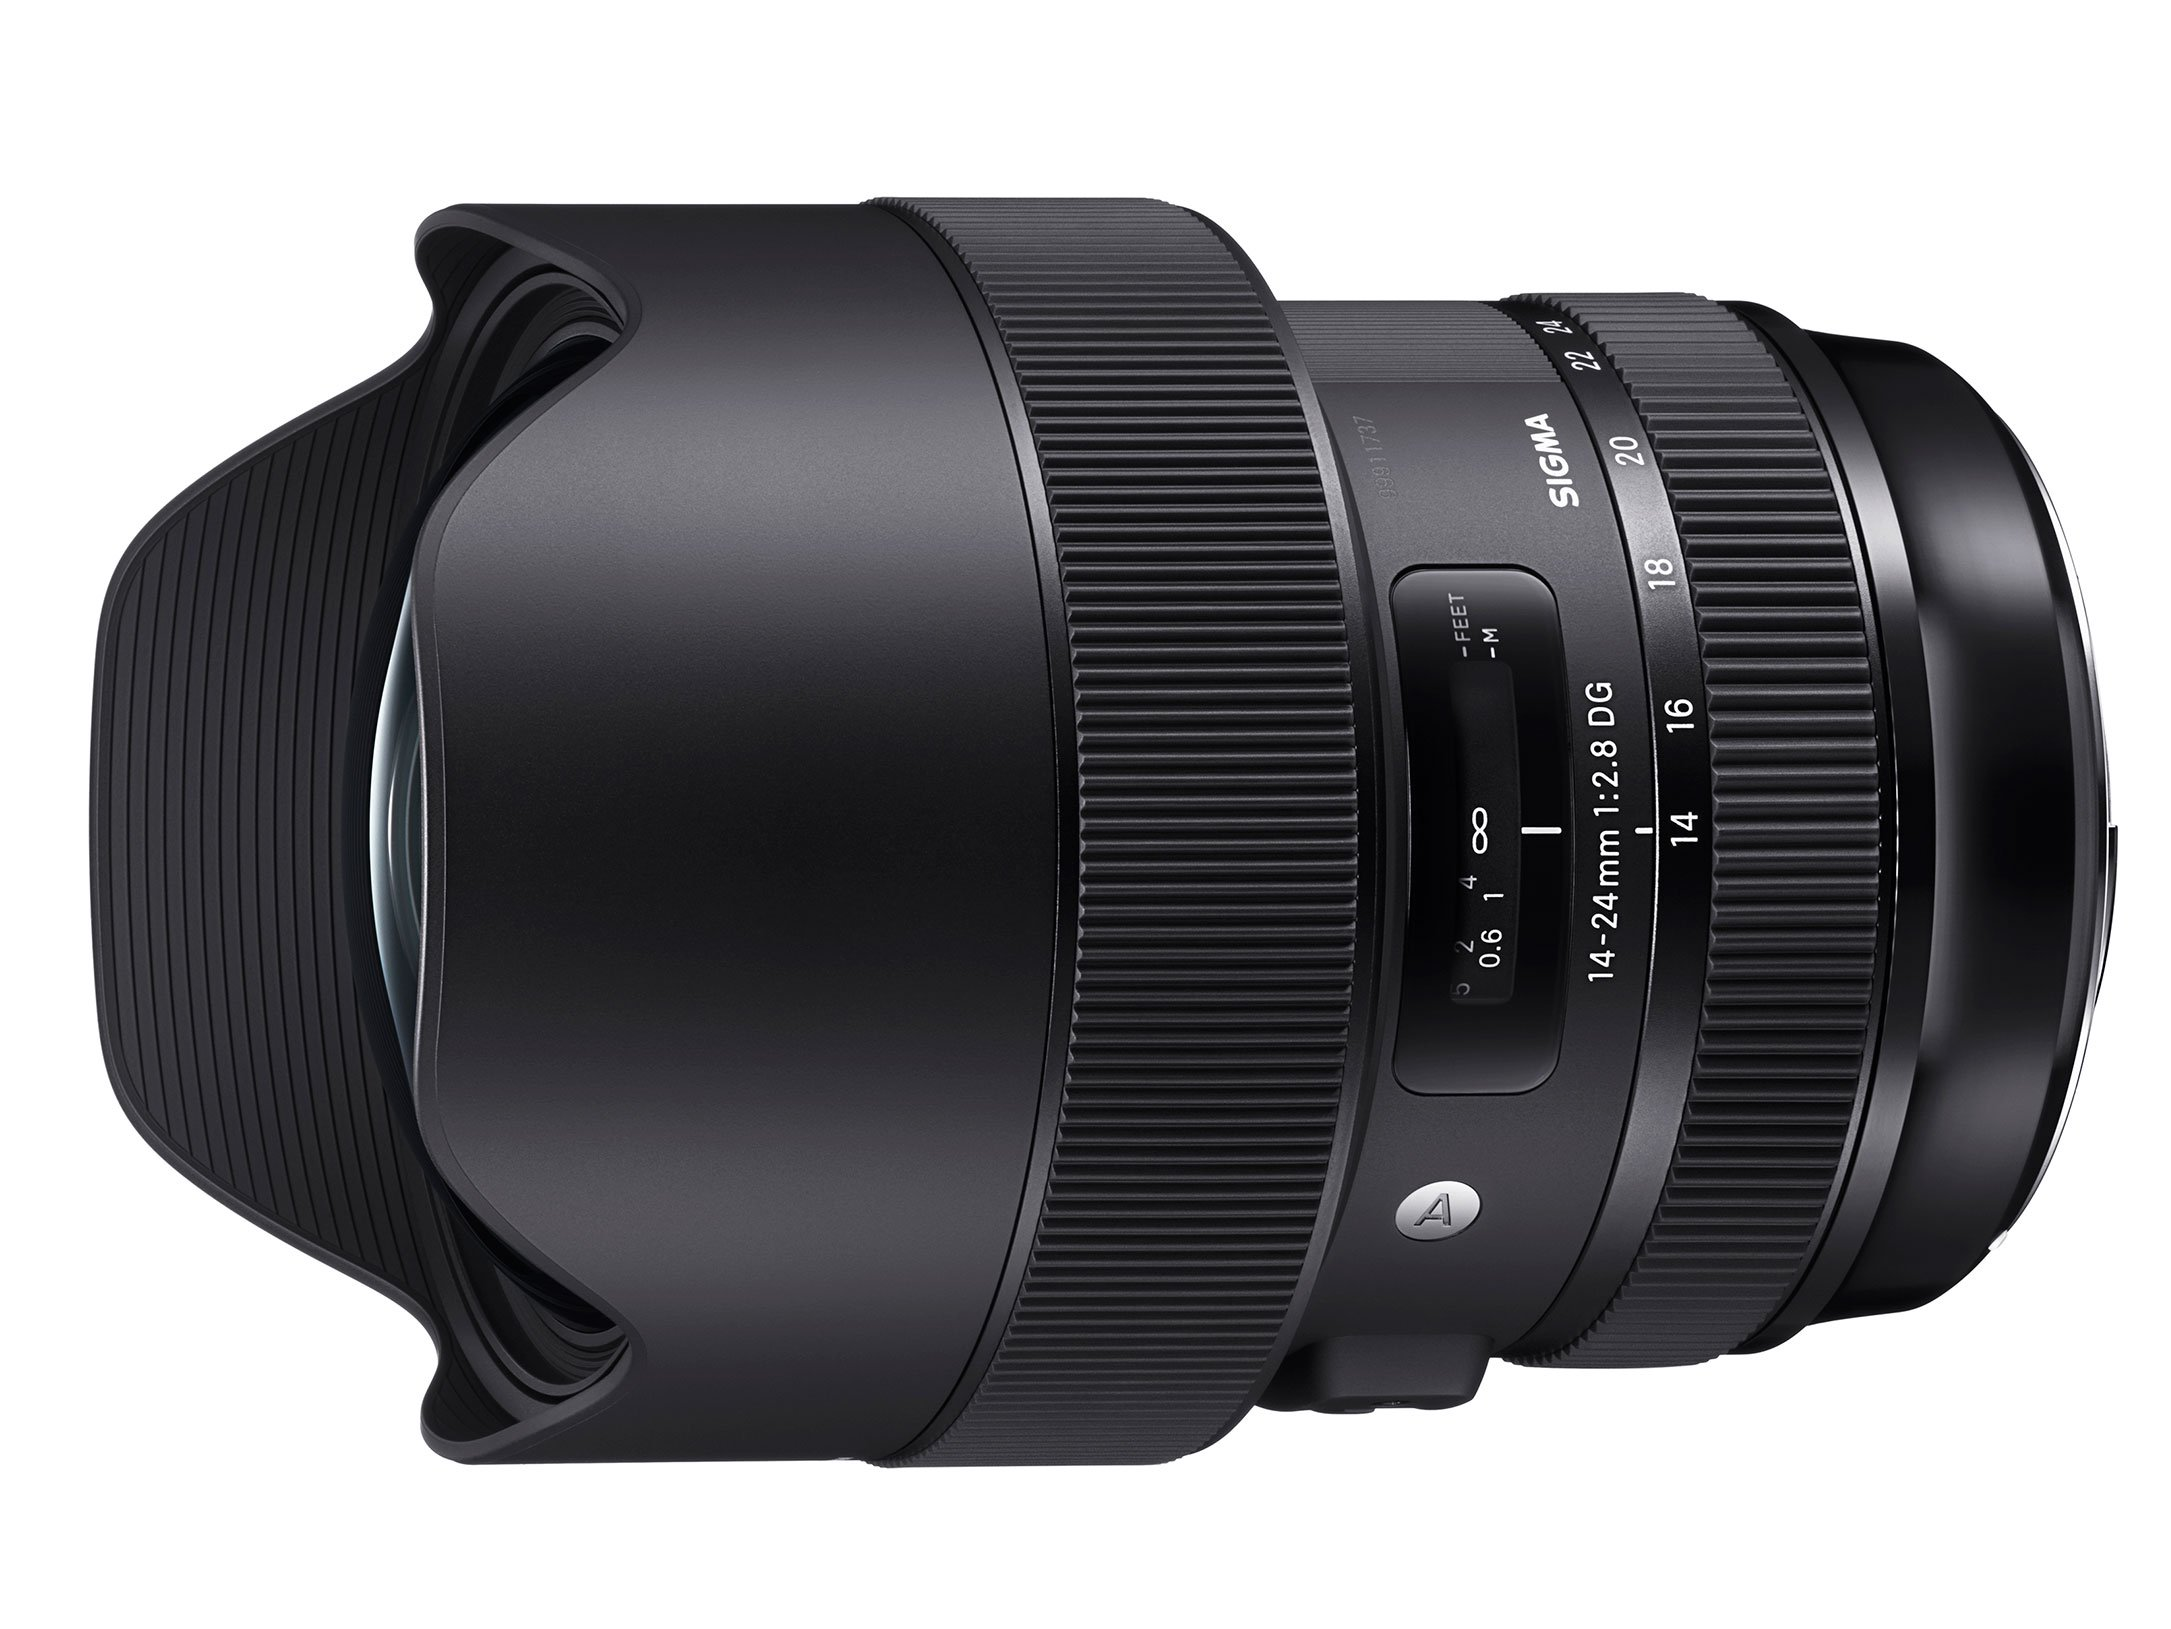 Đang tải Sigma 14-24mm F2.8 - Camera.tinhte.vn 2.jpg…